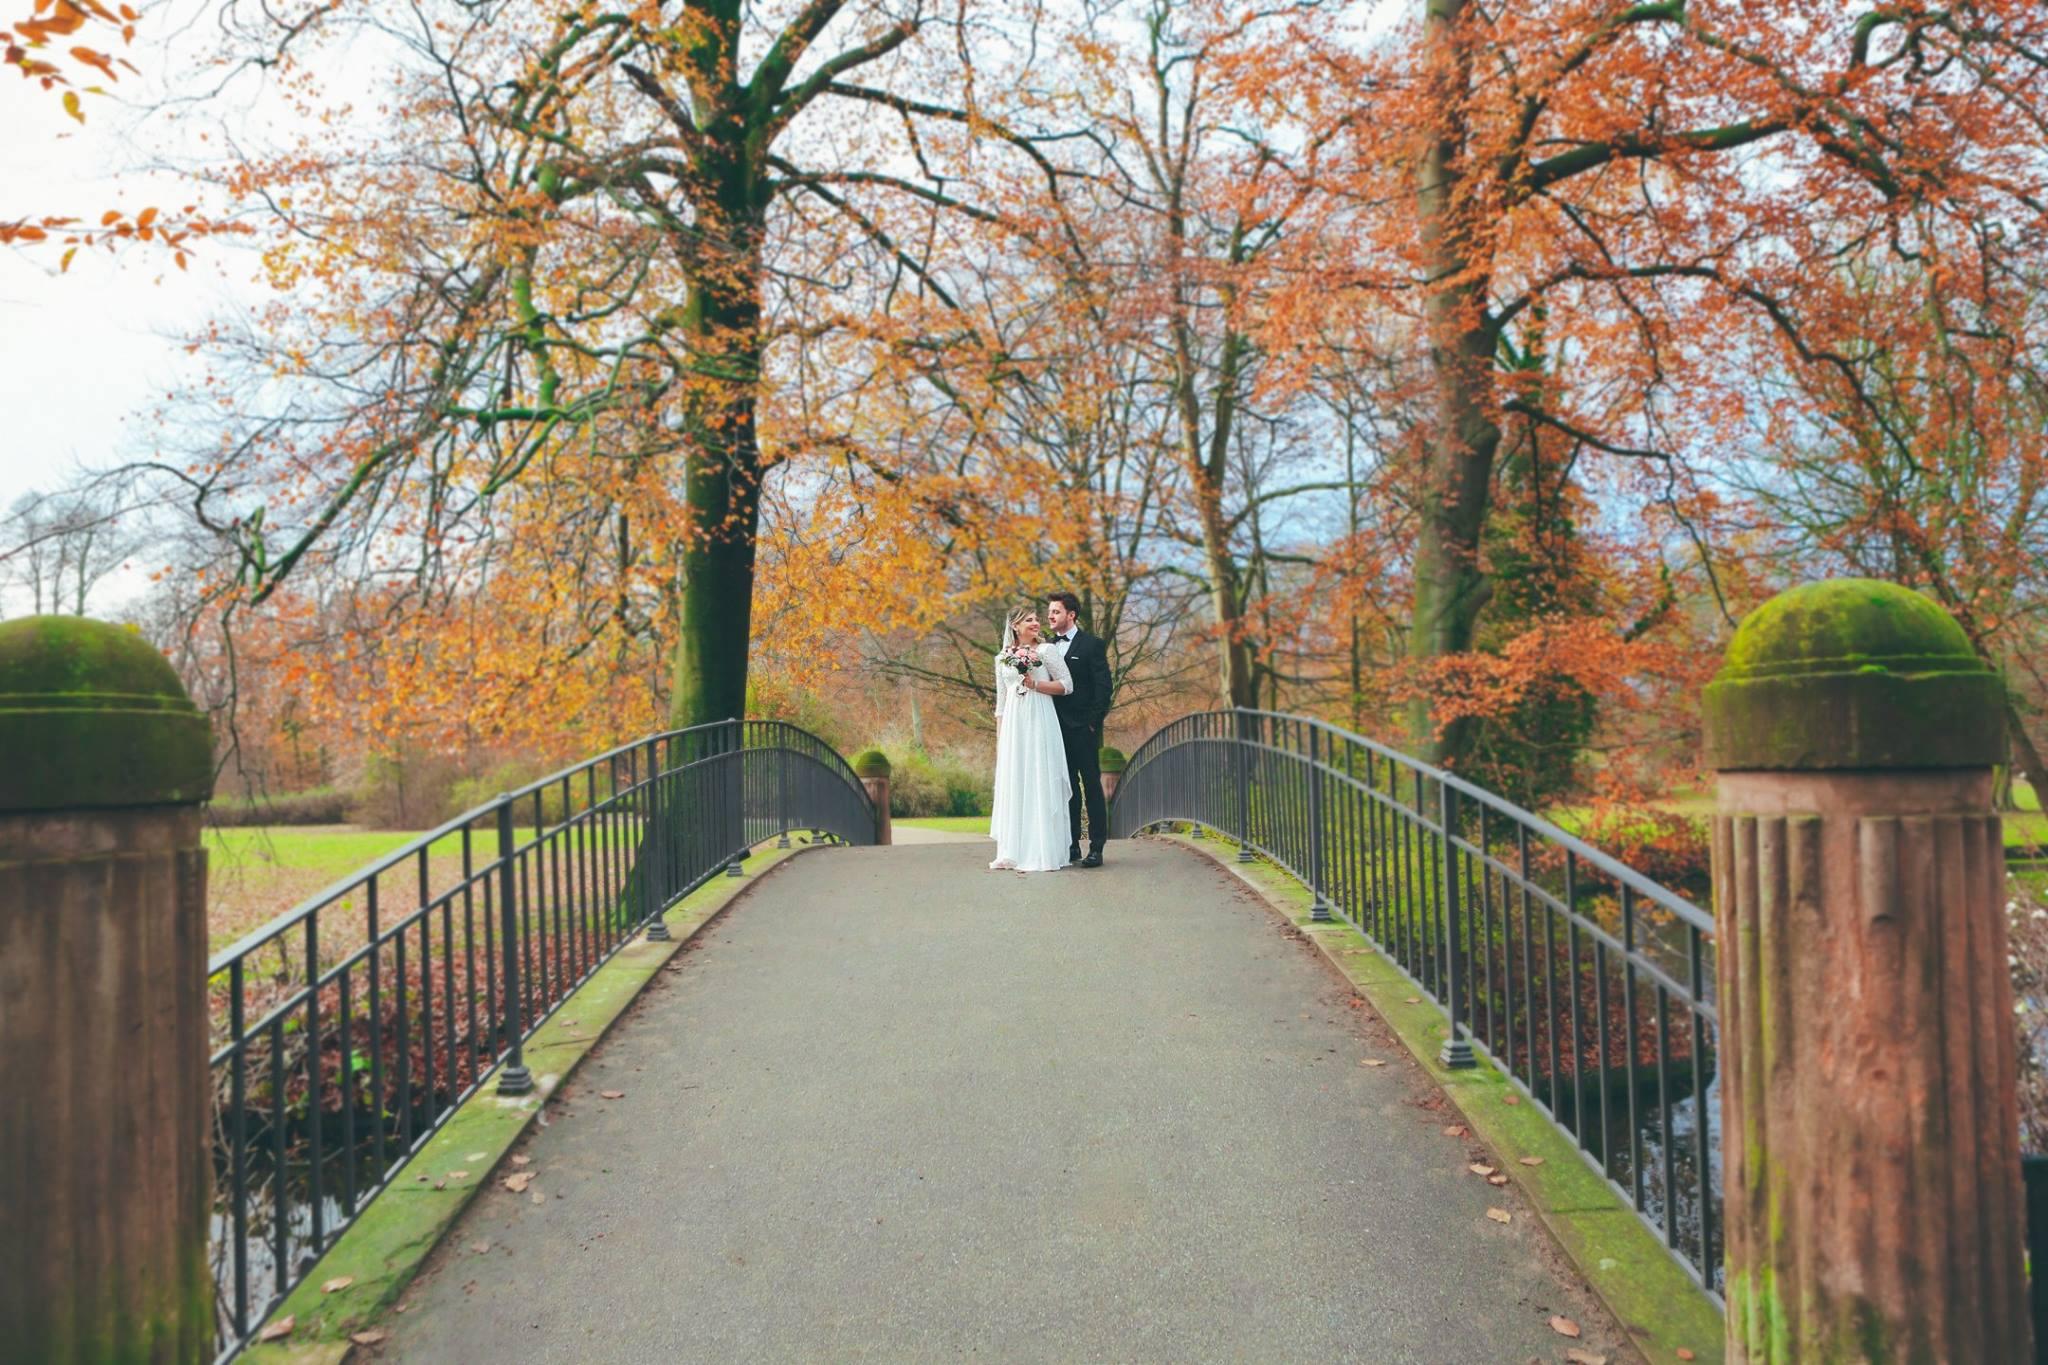 copenhagen-wedding-photograoher33